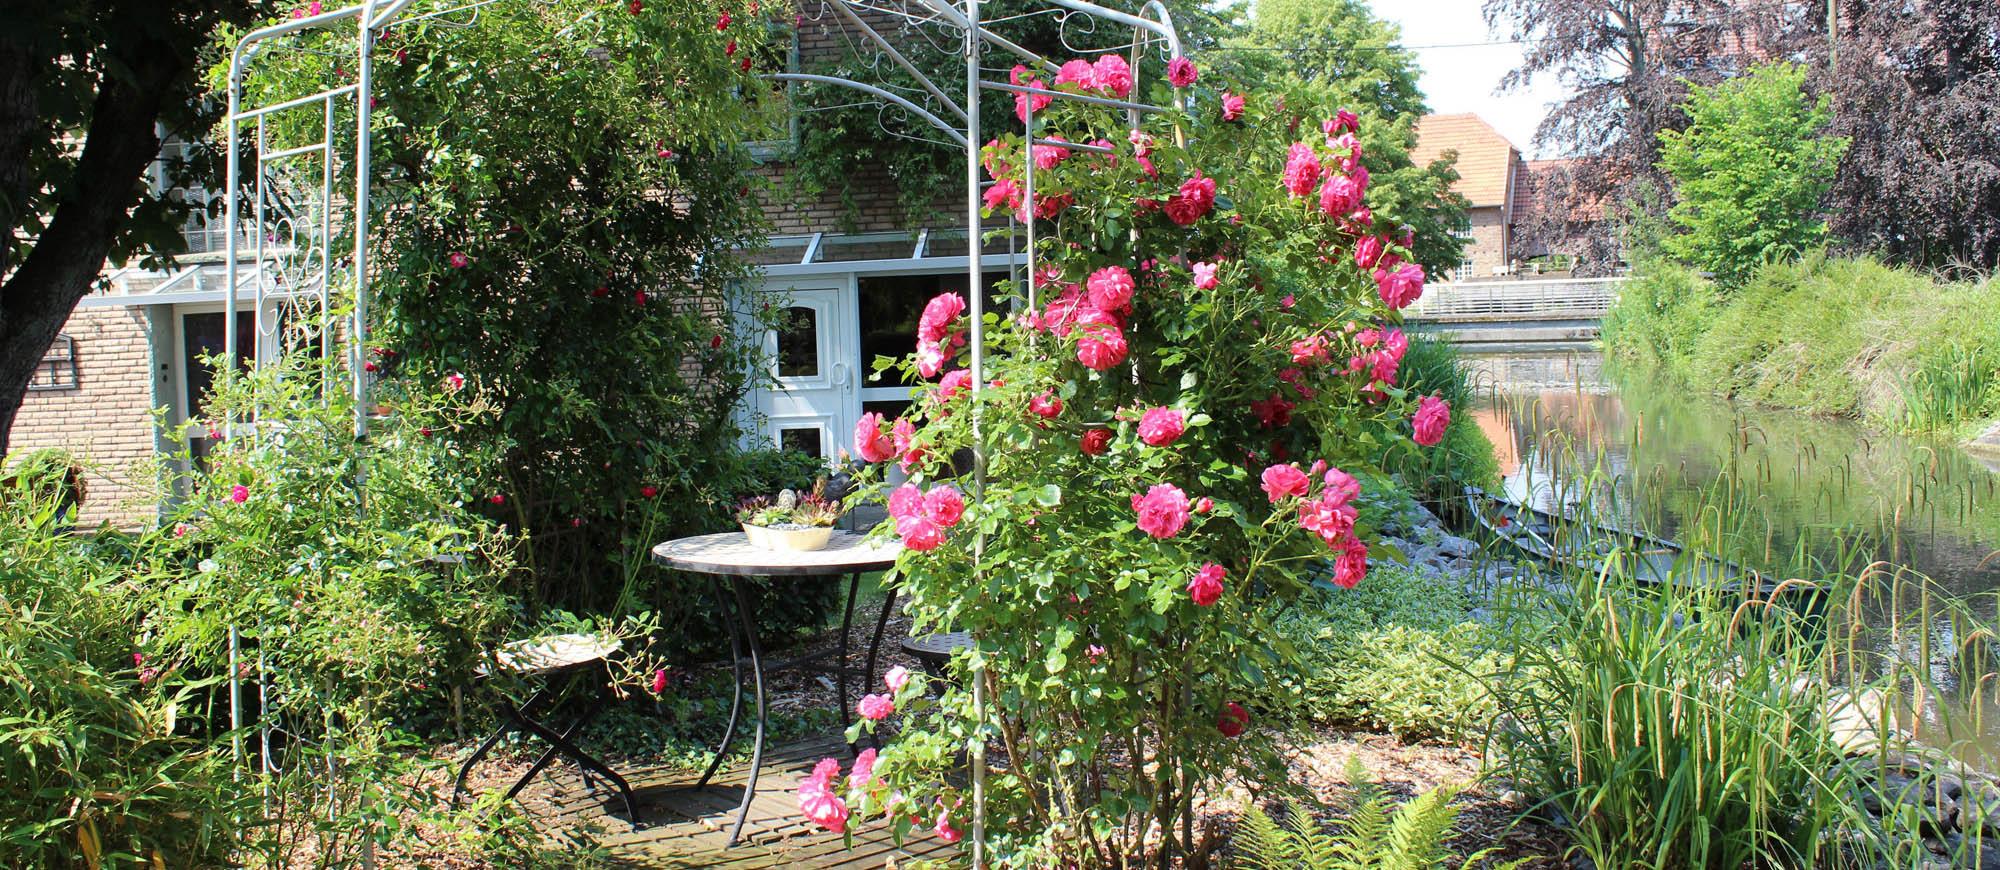 Gartenoase-Ahsestrand-franzmann-slider